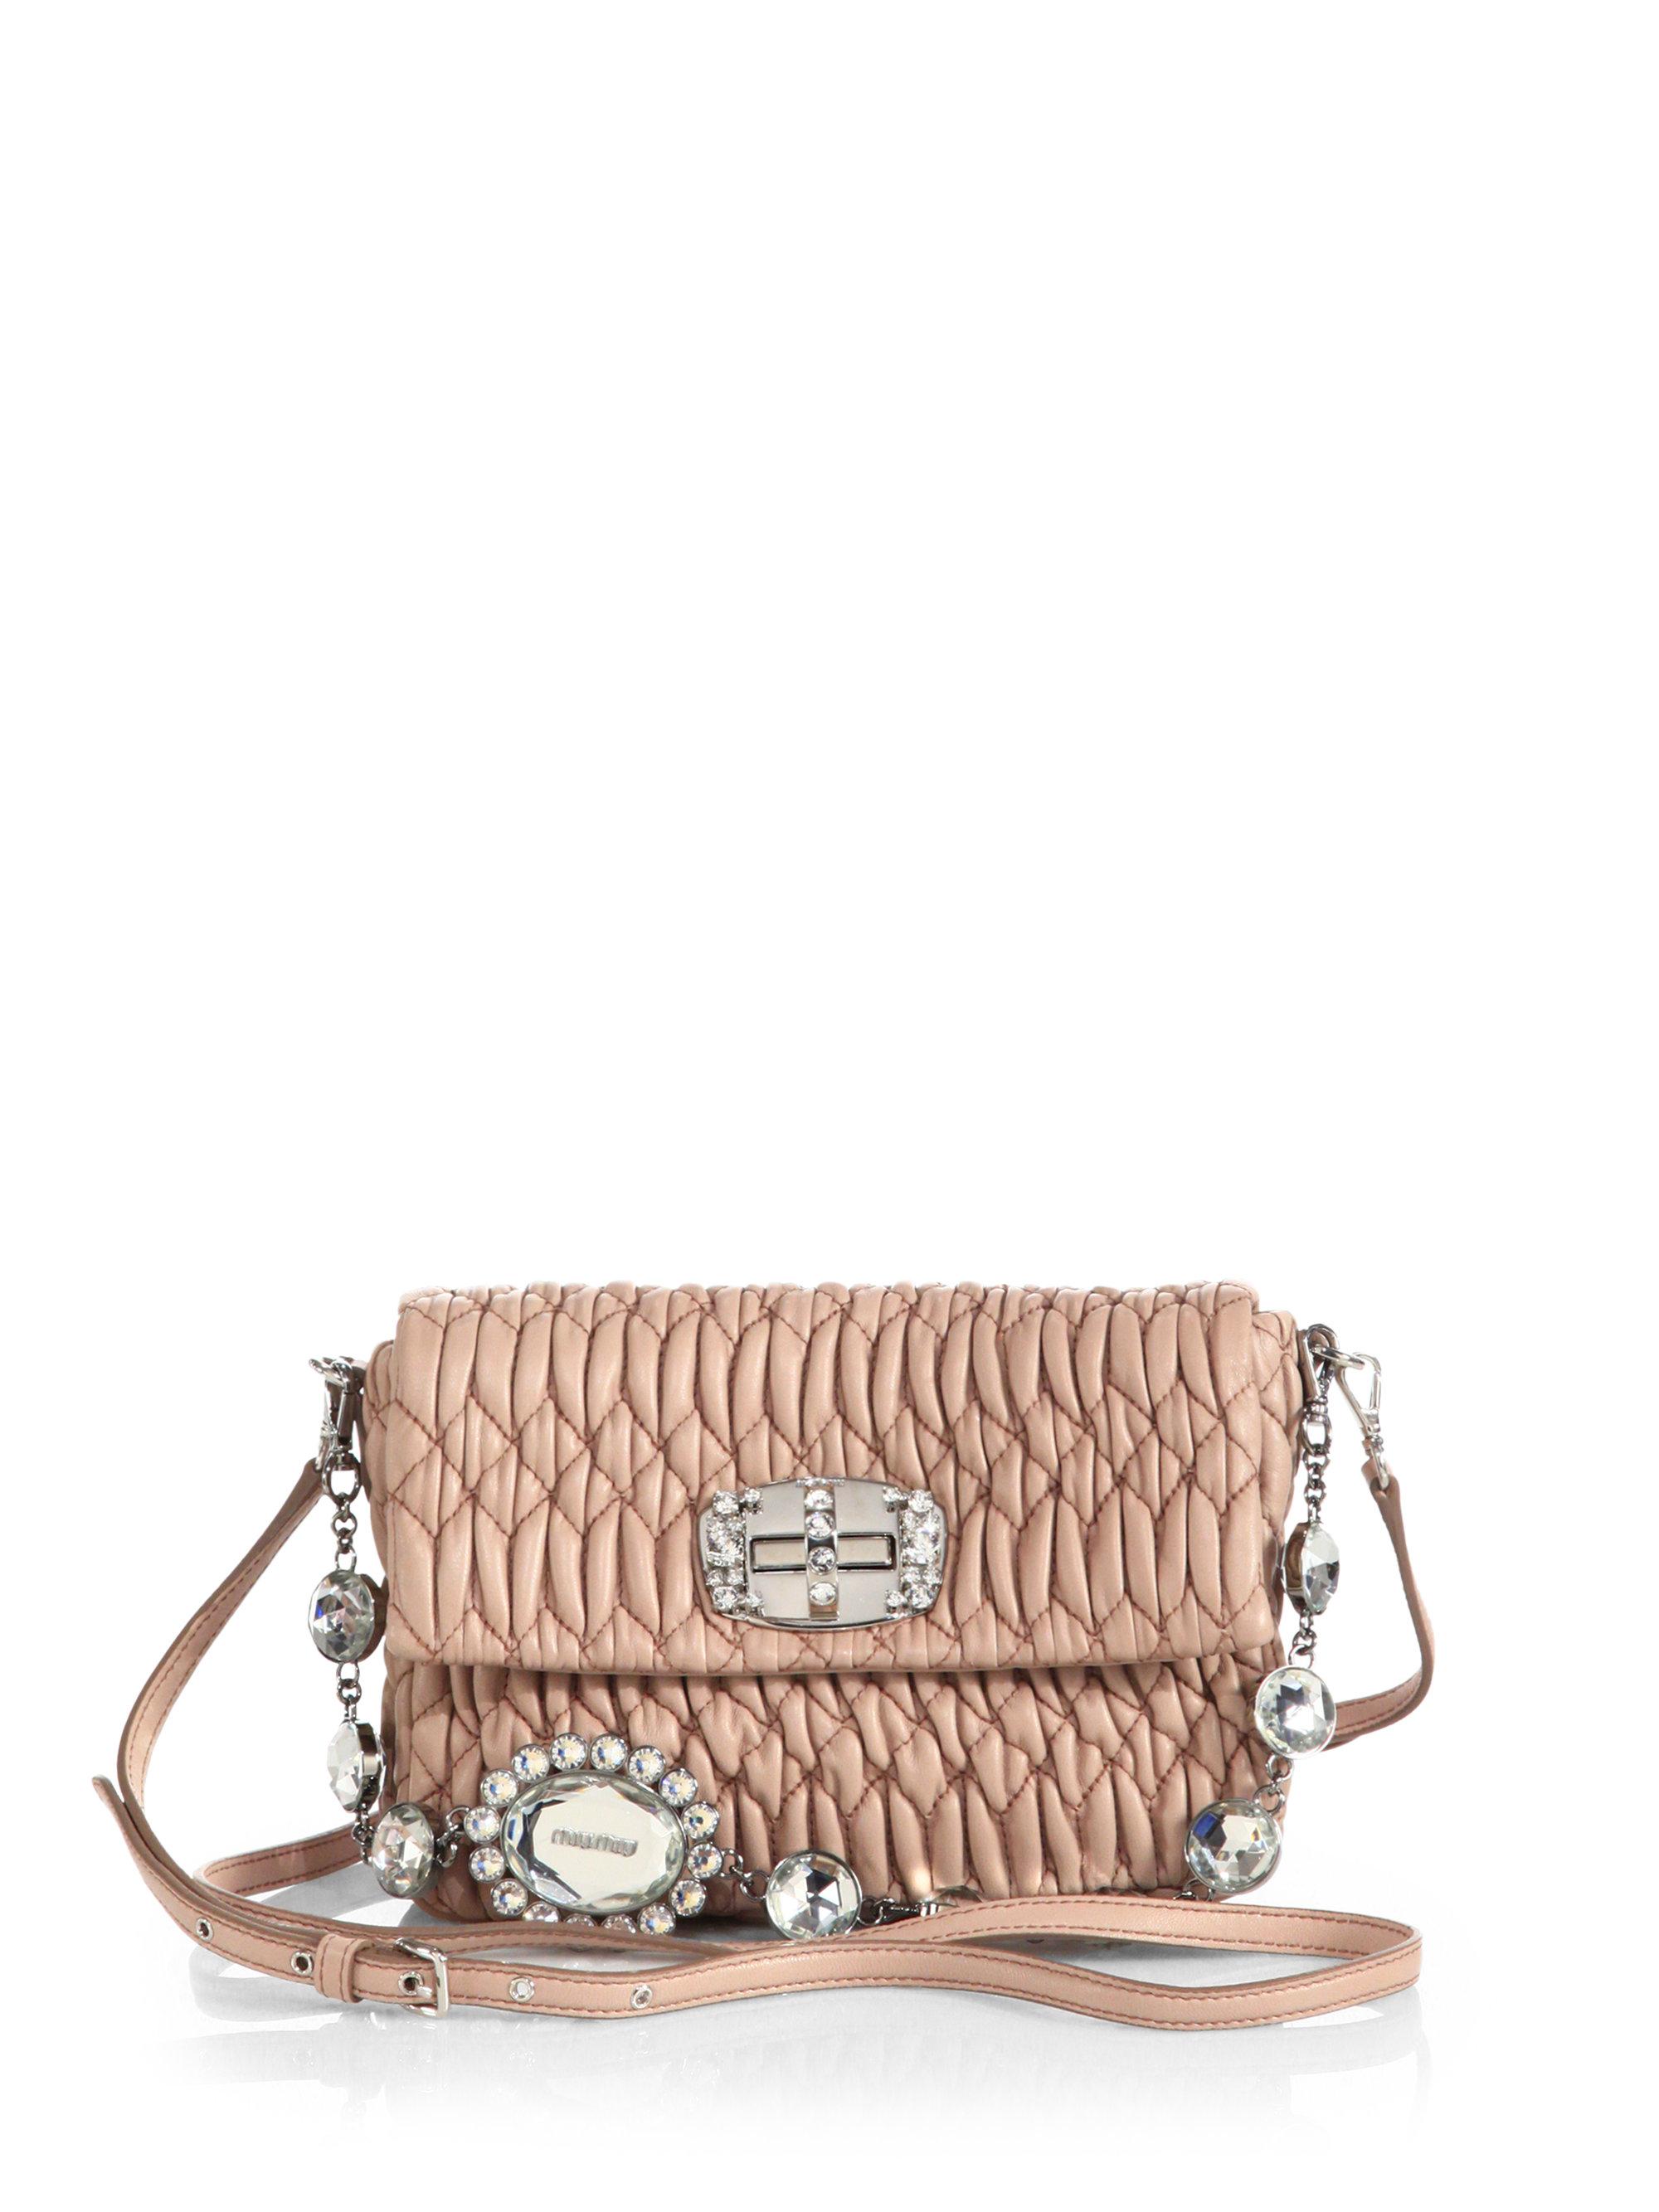 Miu Miu Nappa Leather Bag